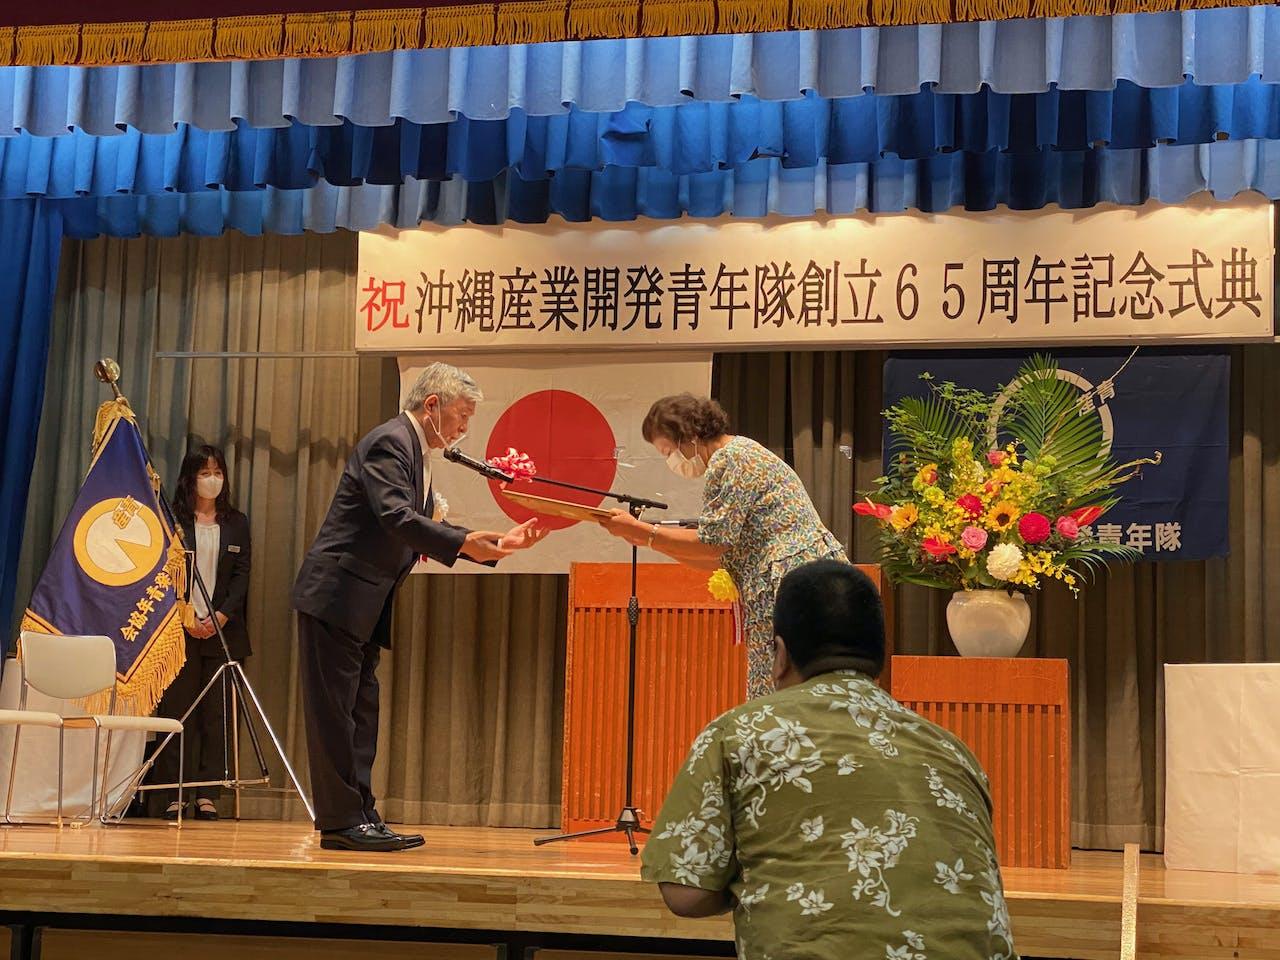 沖縄県更生保護女性連盟(宮城幸子会長)が、一般社団法人 沖縄産業開発青年協会(吉川浩正理事長)から感謝状を受けました